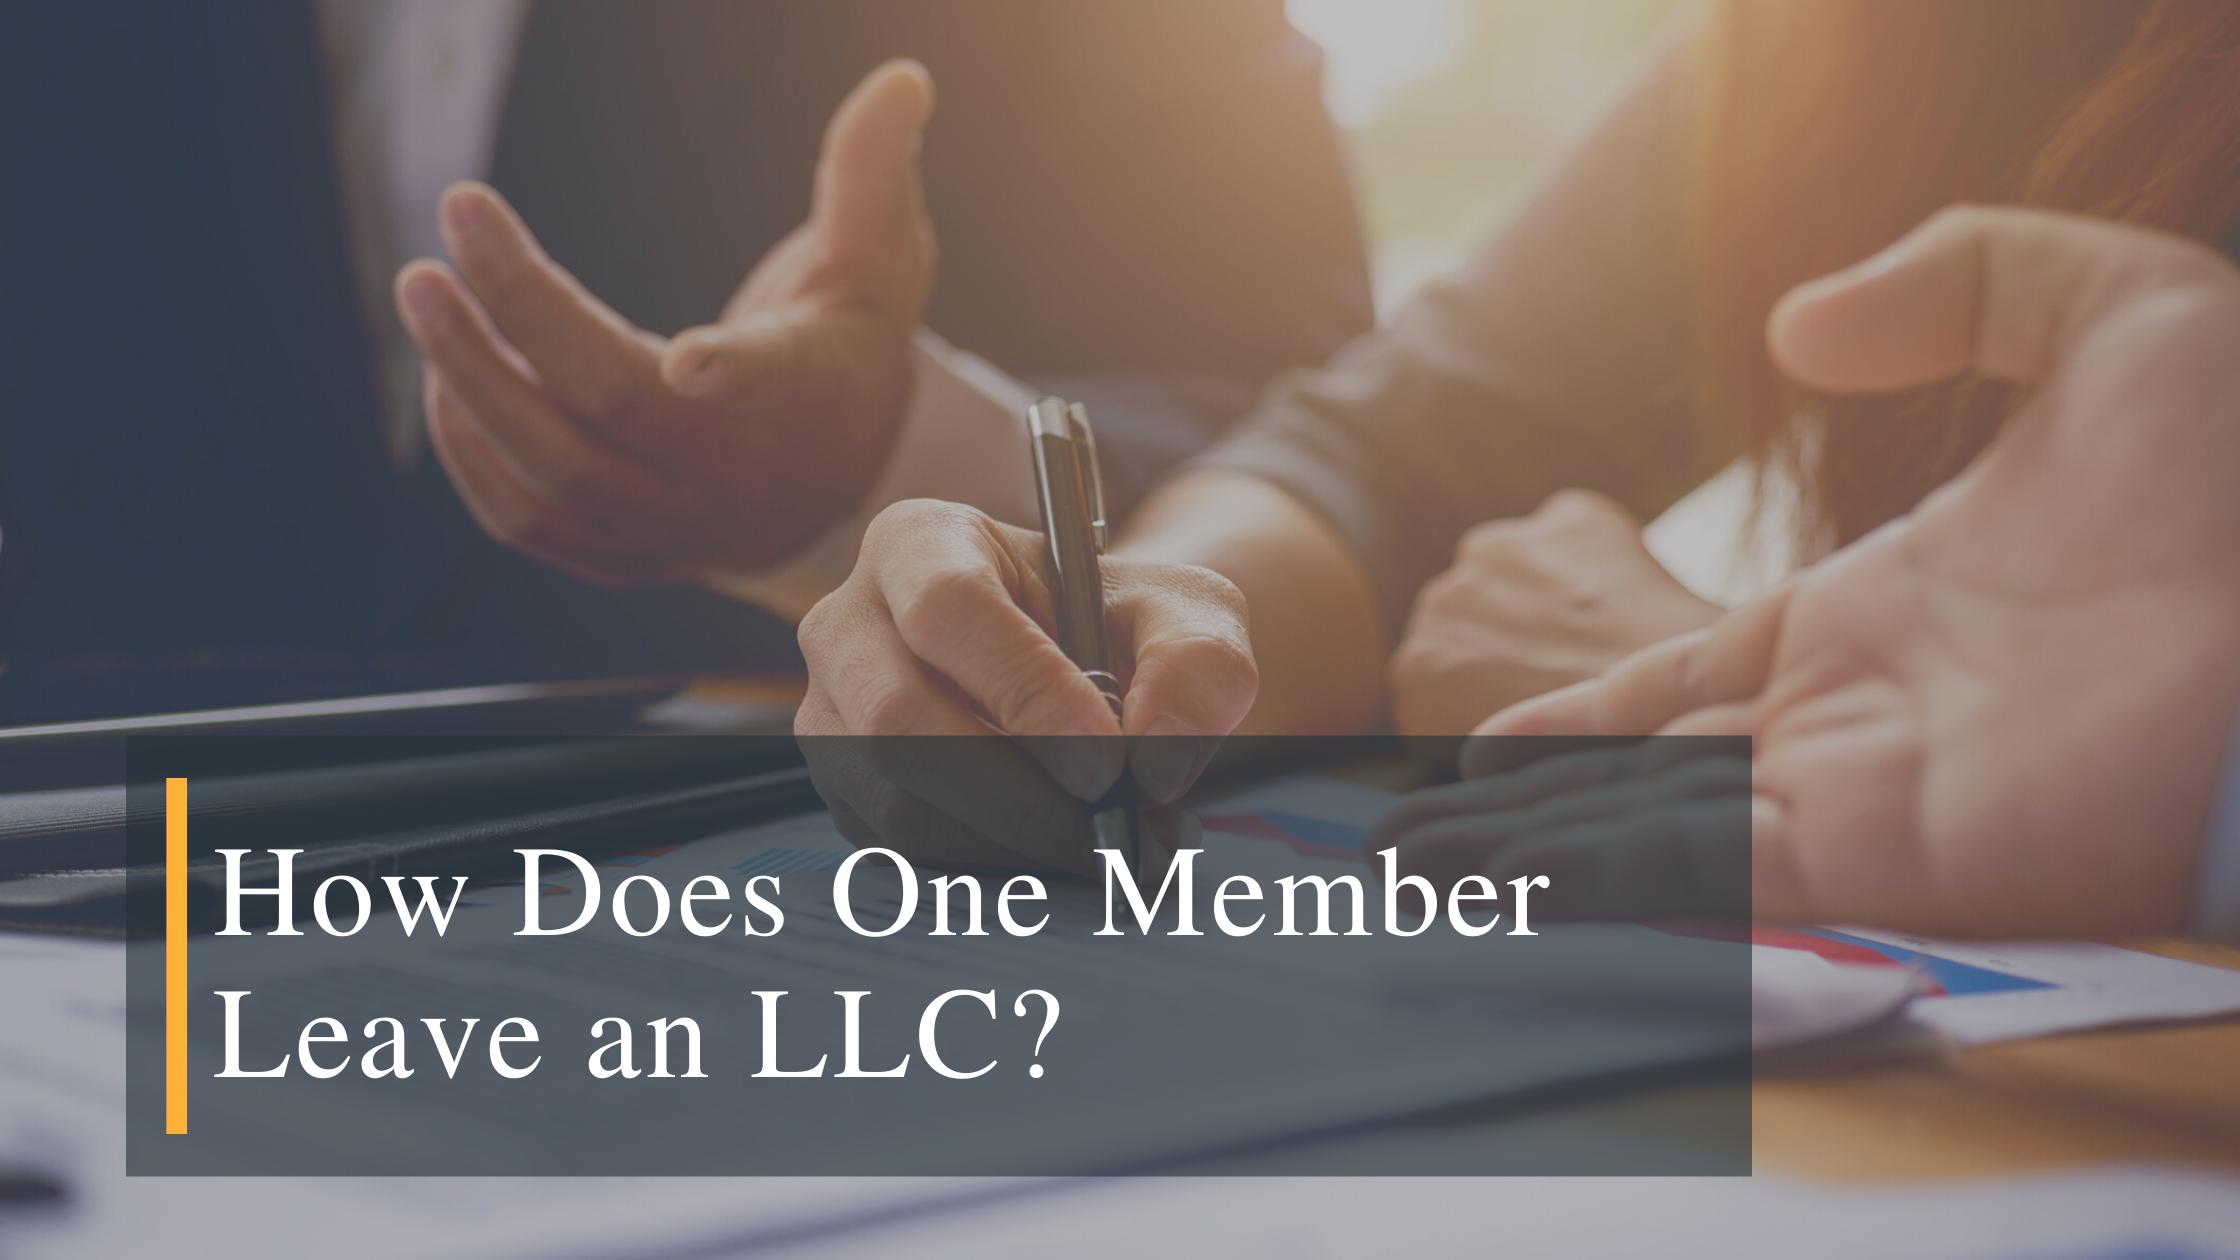 Member leaving LLC